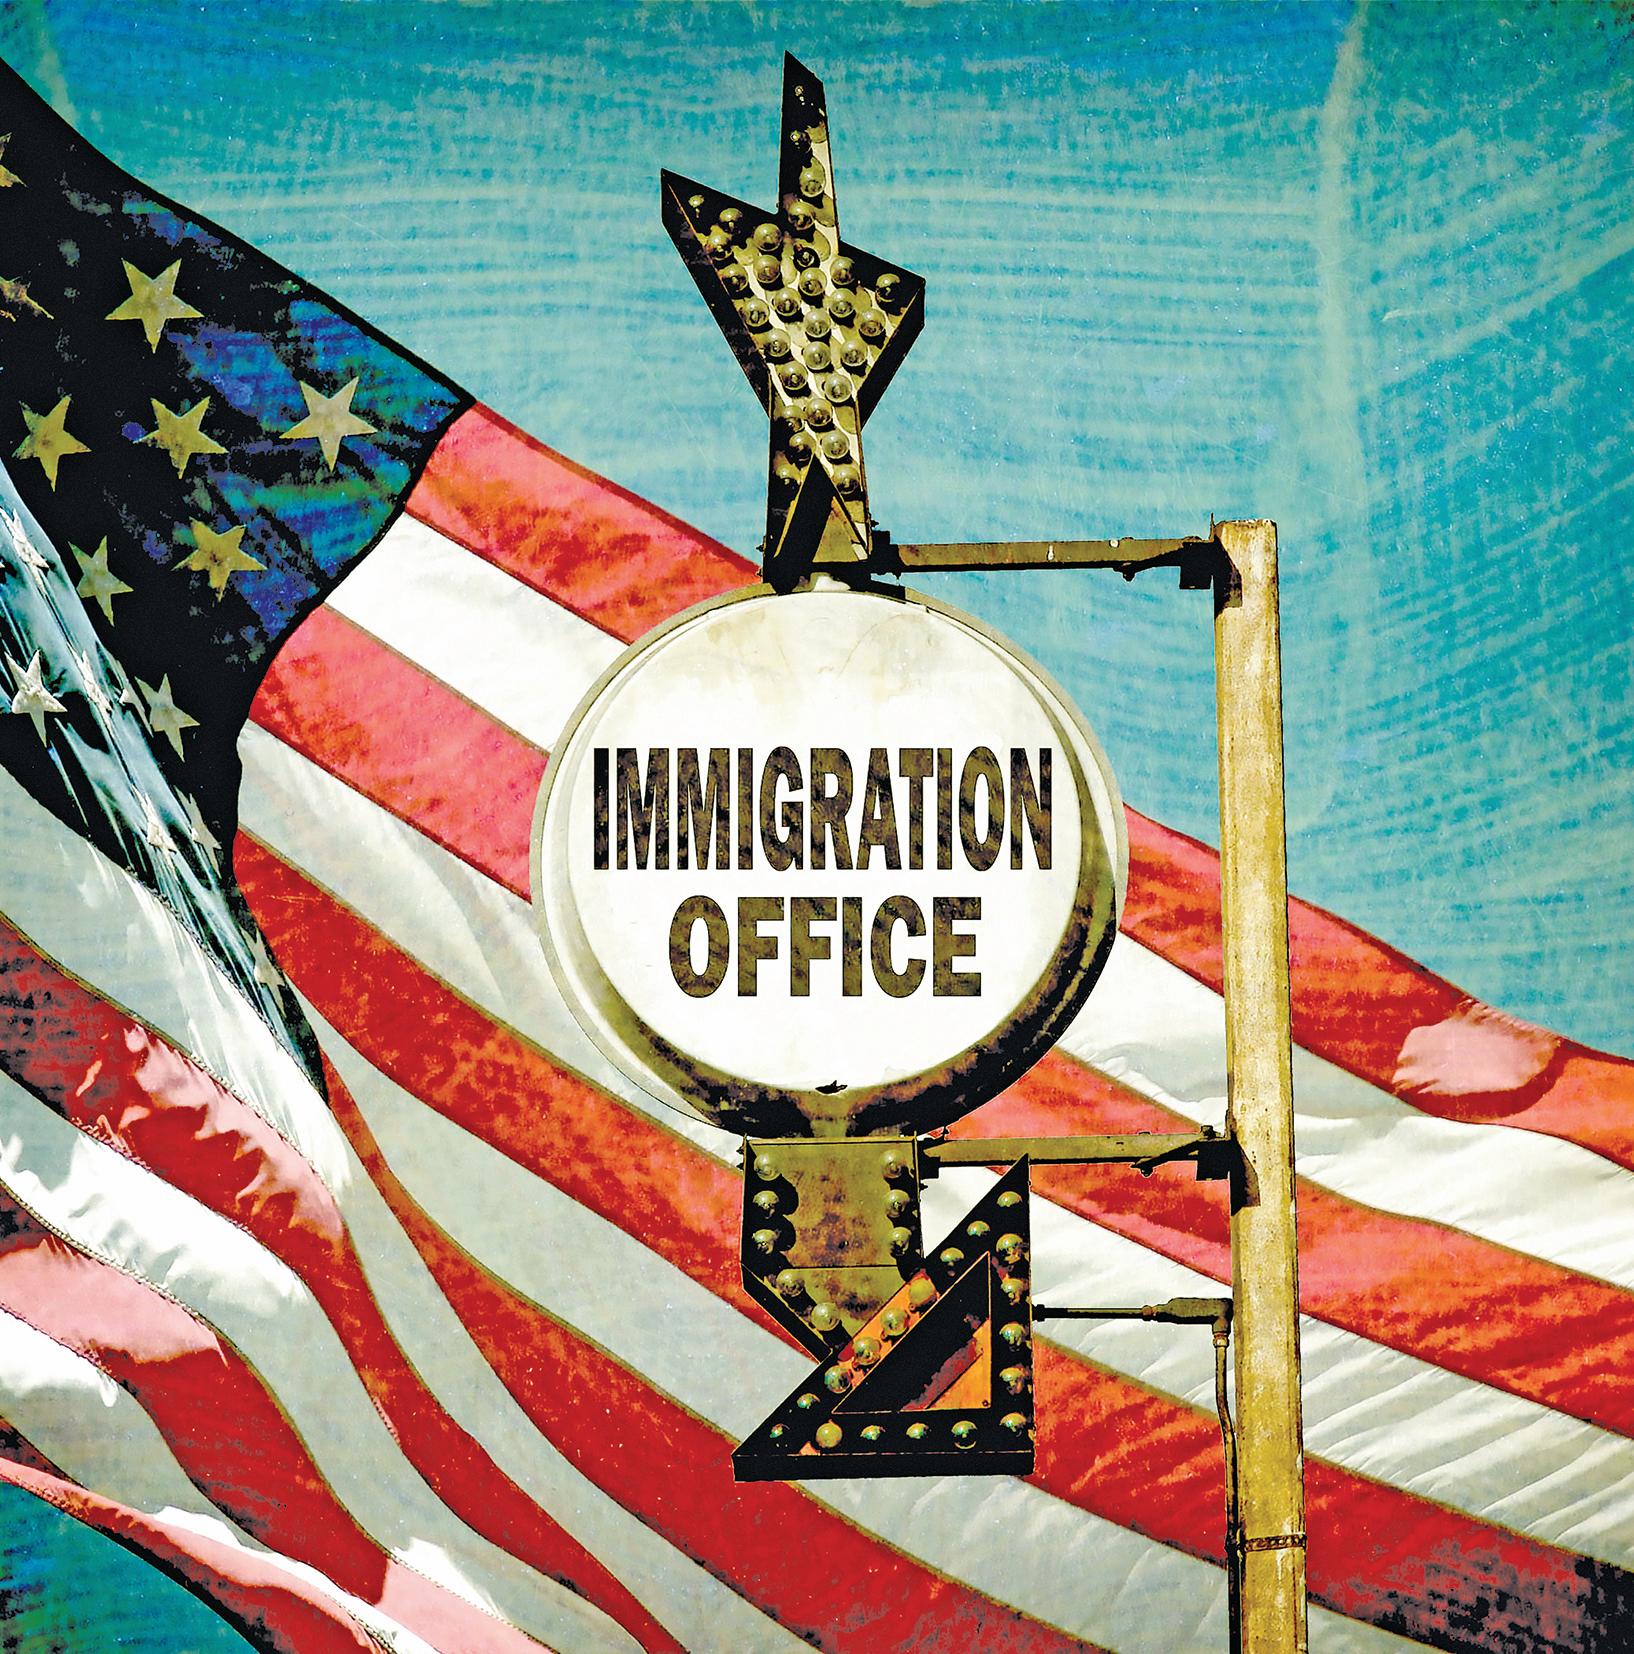 特朗普多措施解決移民案積壓